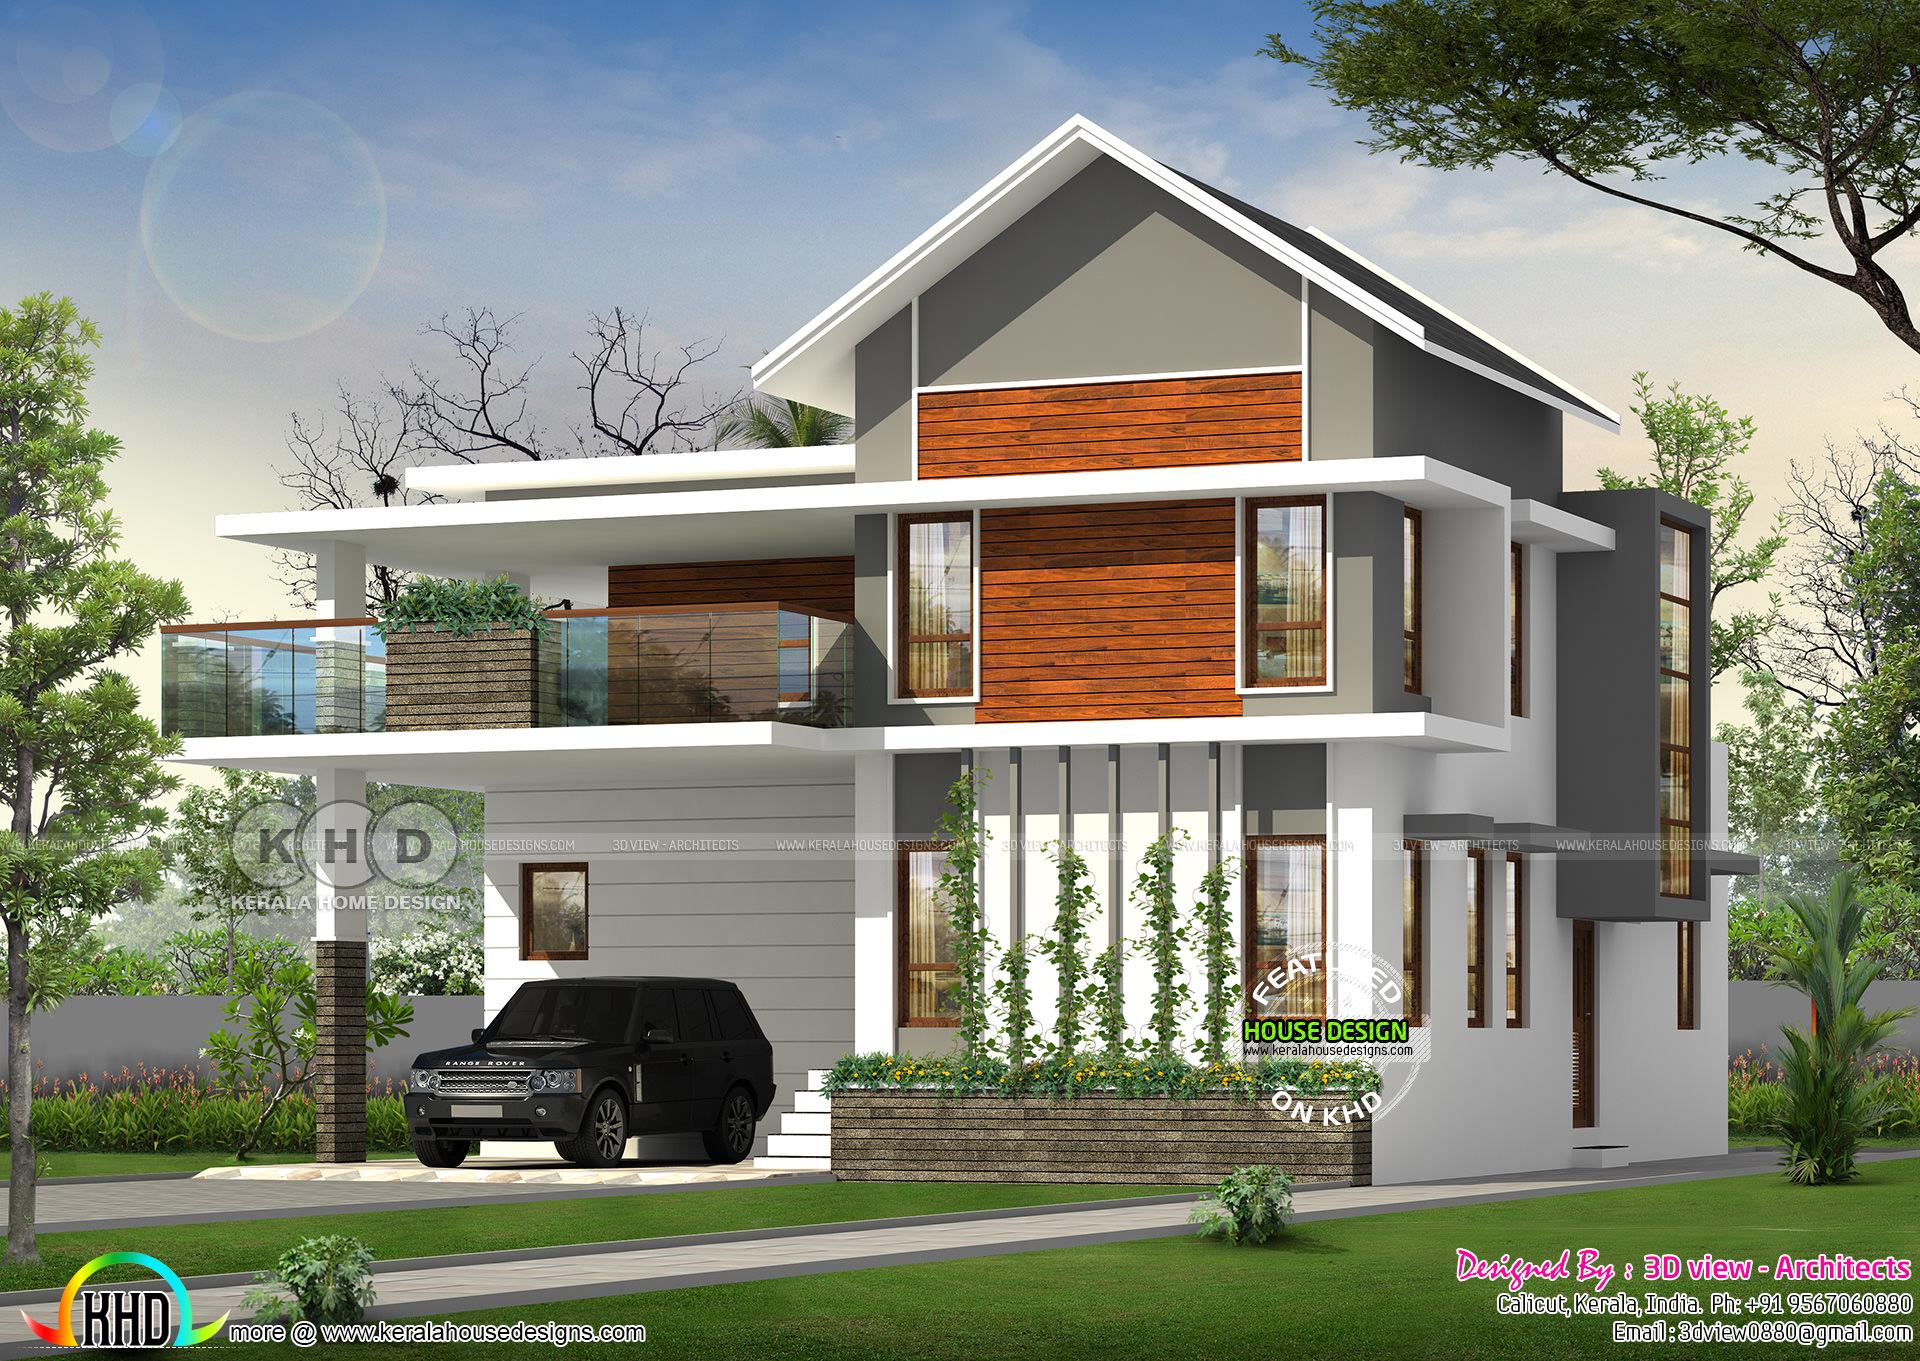 Kerala House Plan 10d View